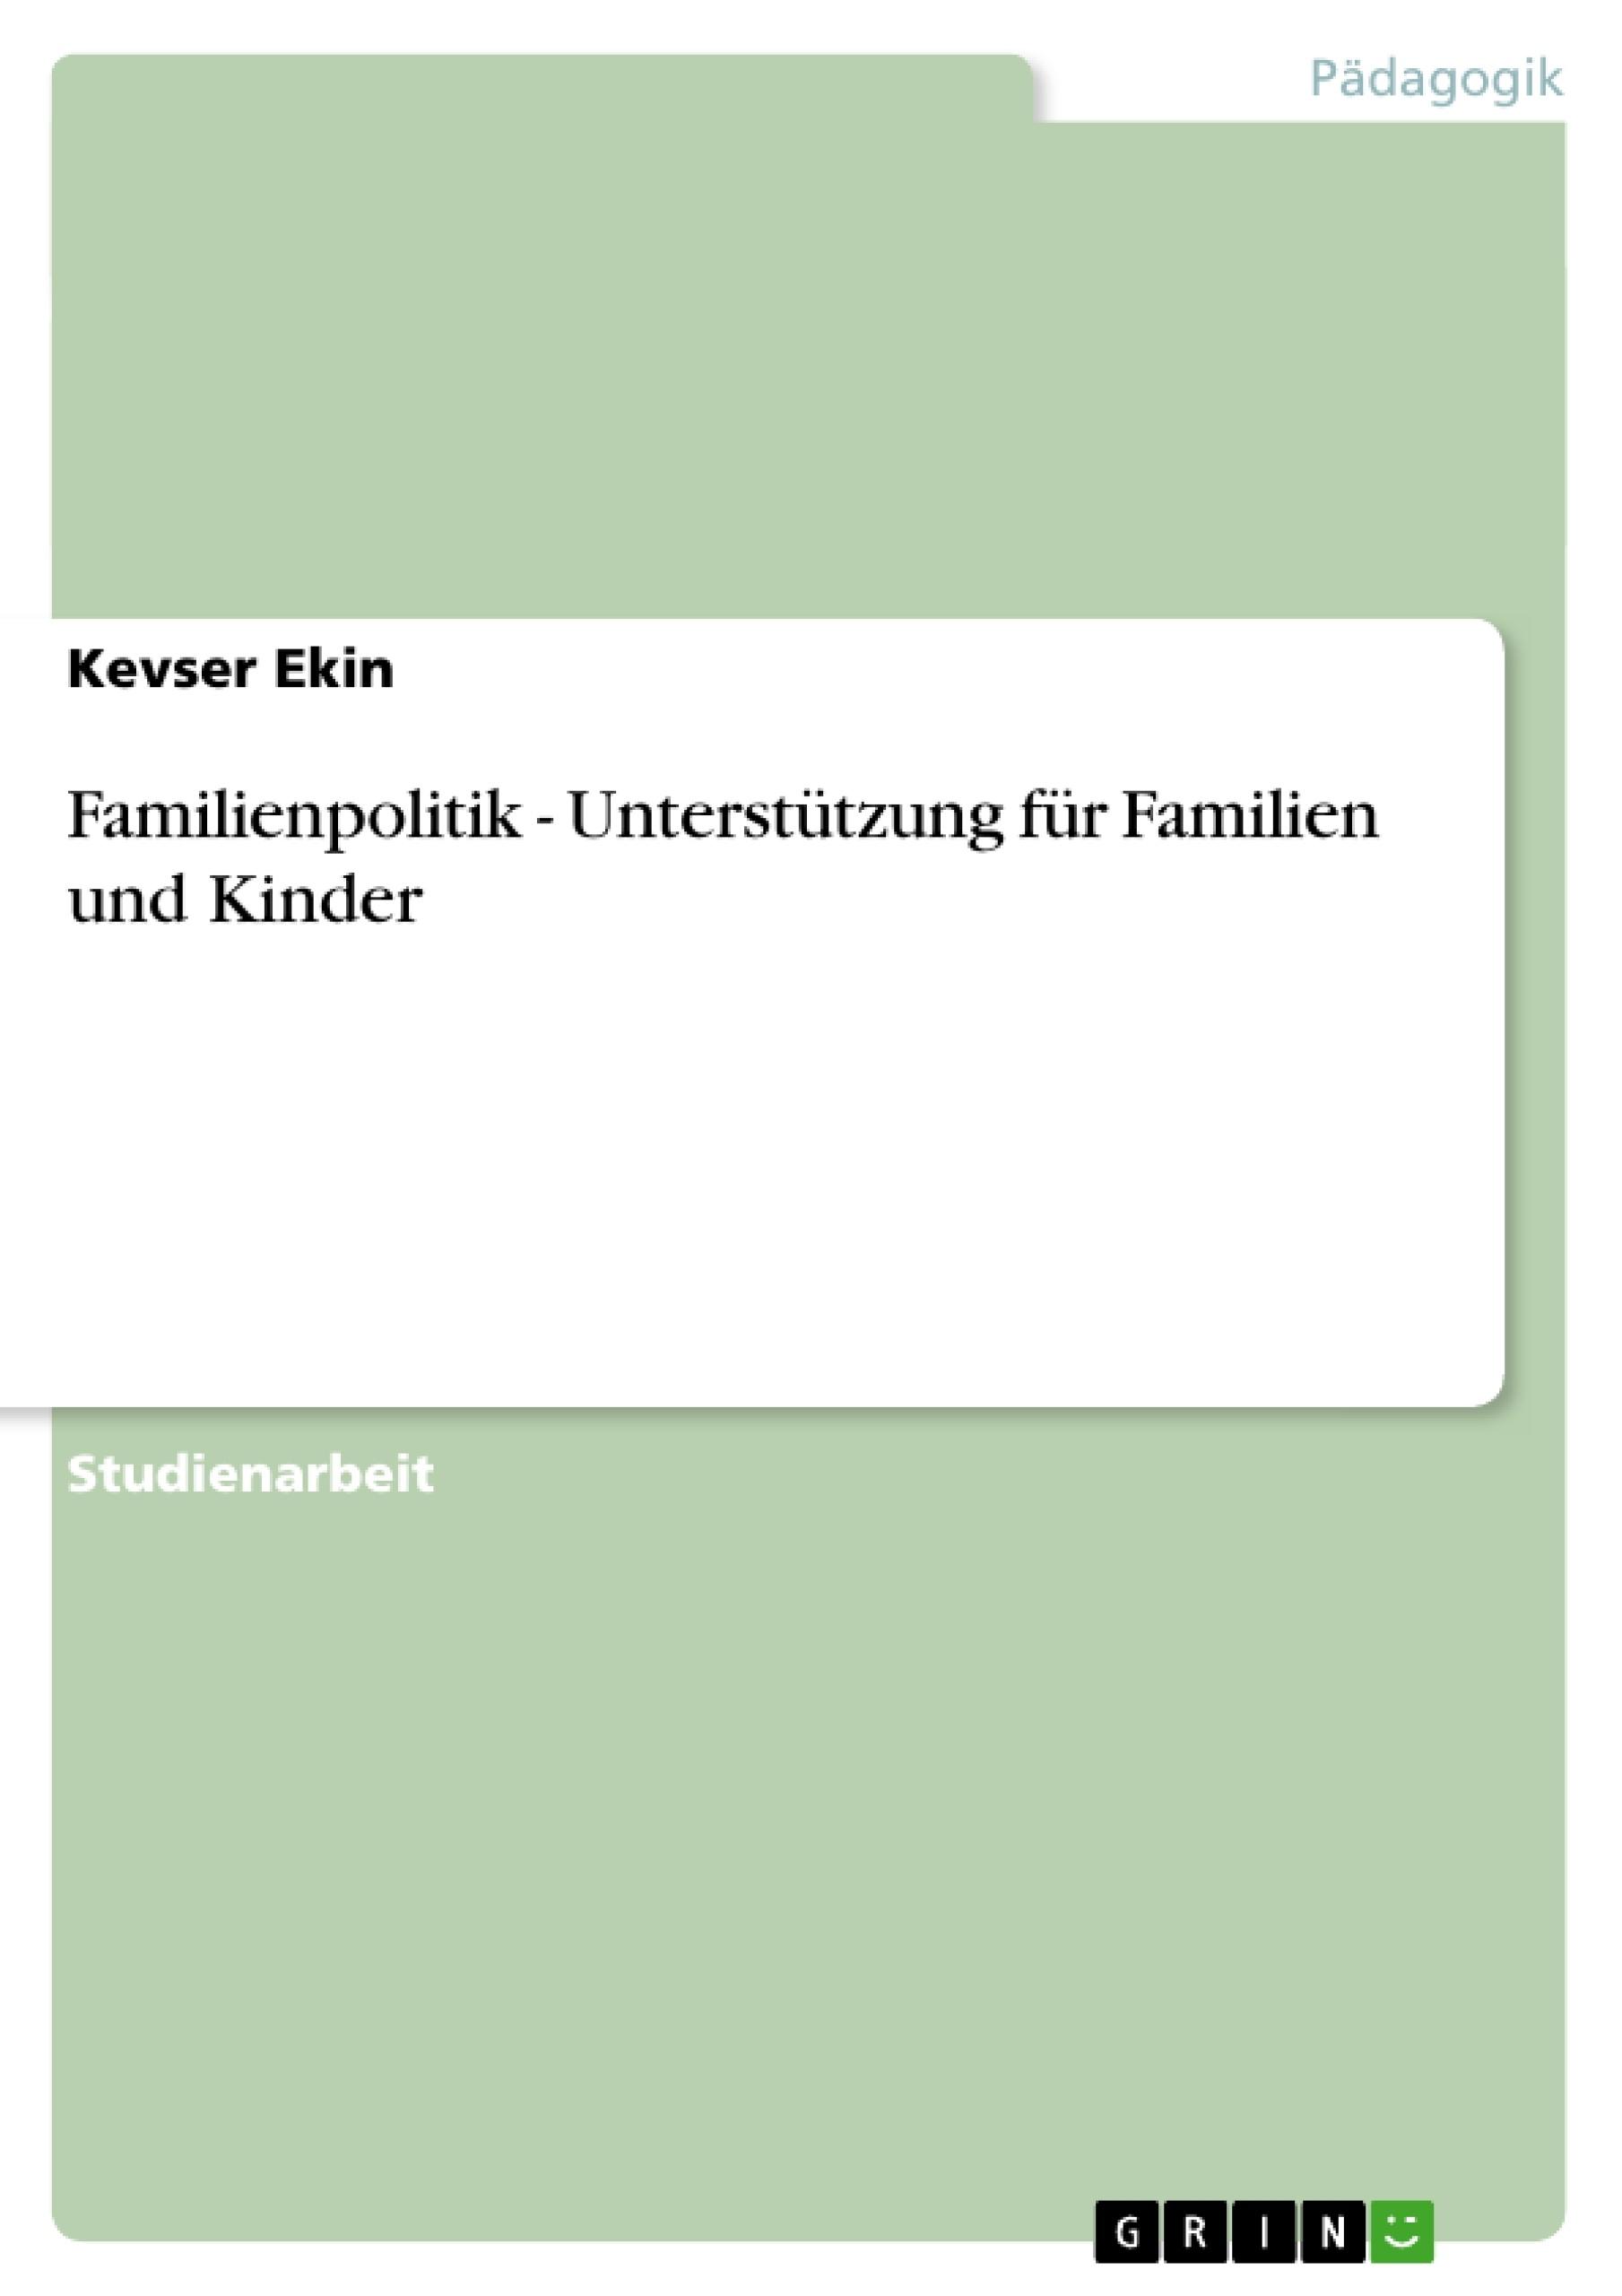 Titel: Familienpolitik - Unterstützung für Familien und Kinder